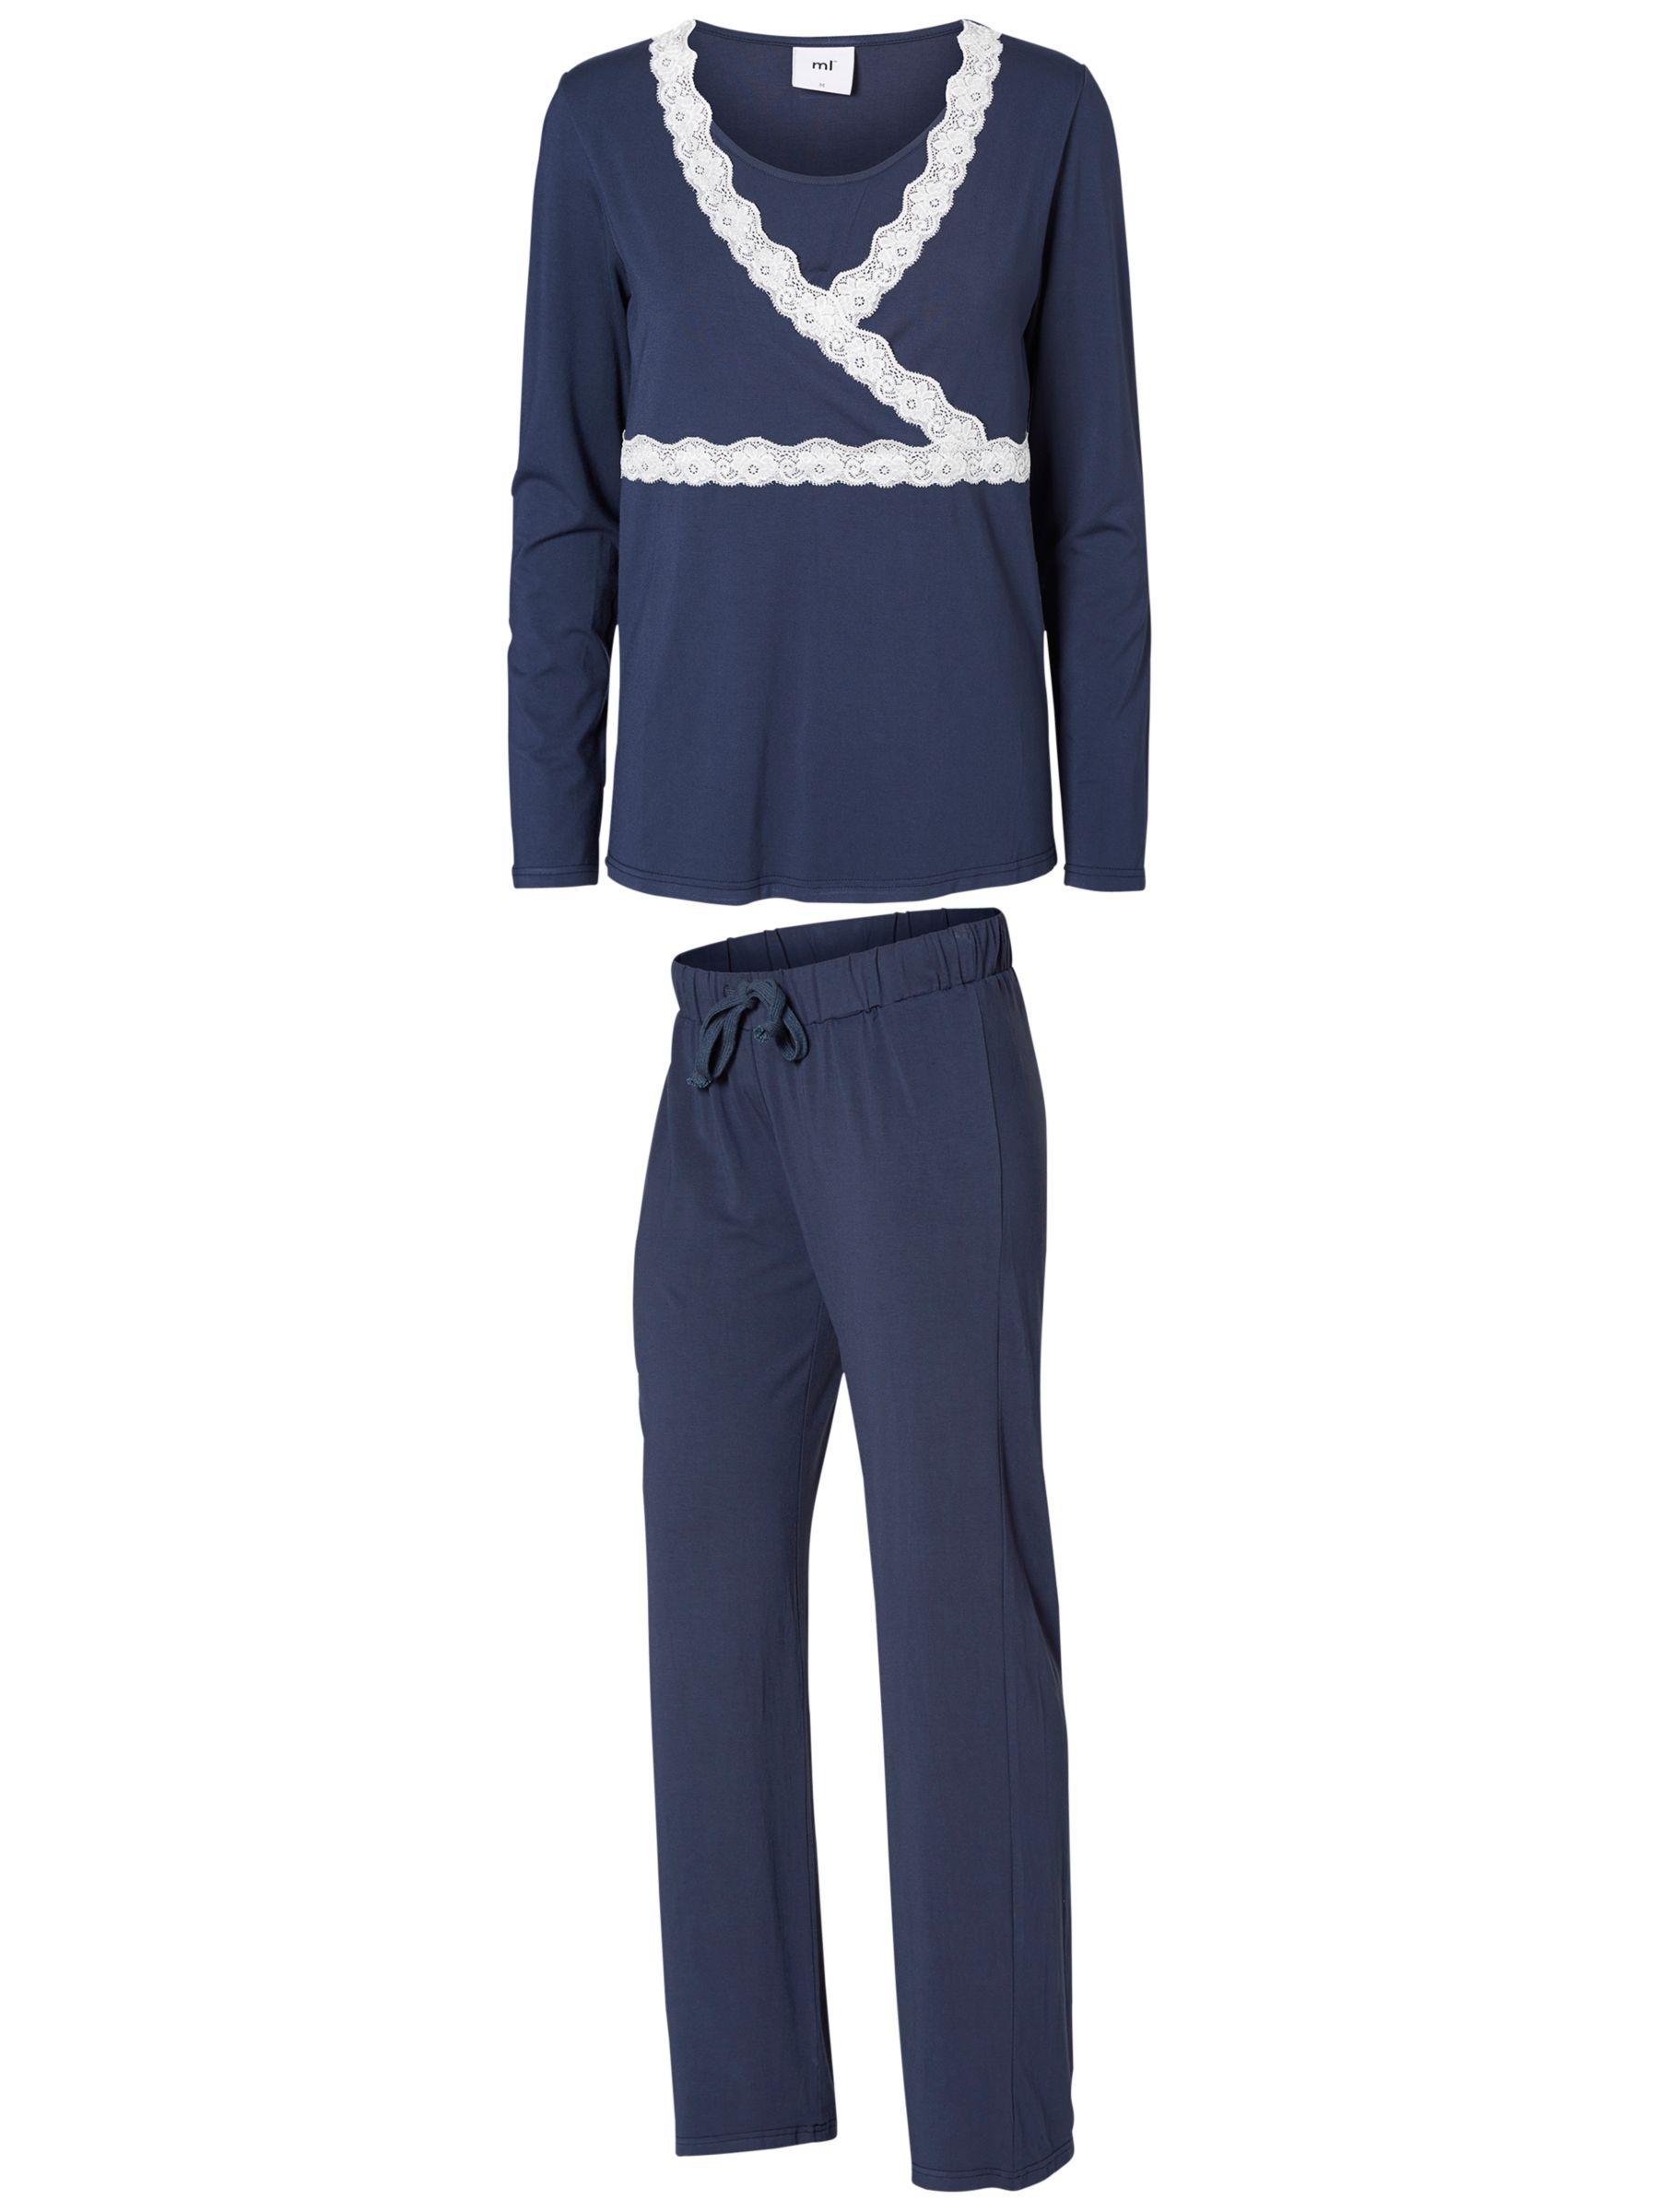 Mamalicious Mamalicious Thilde Tess Lace Maternity Nursing Pyjama Set, Black Iris